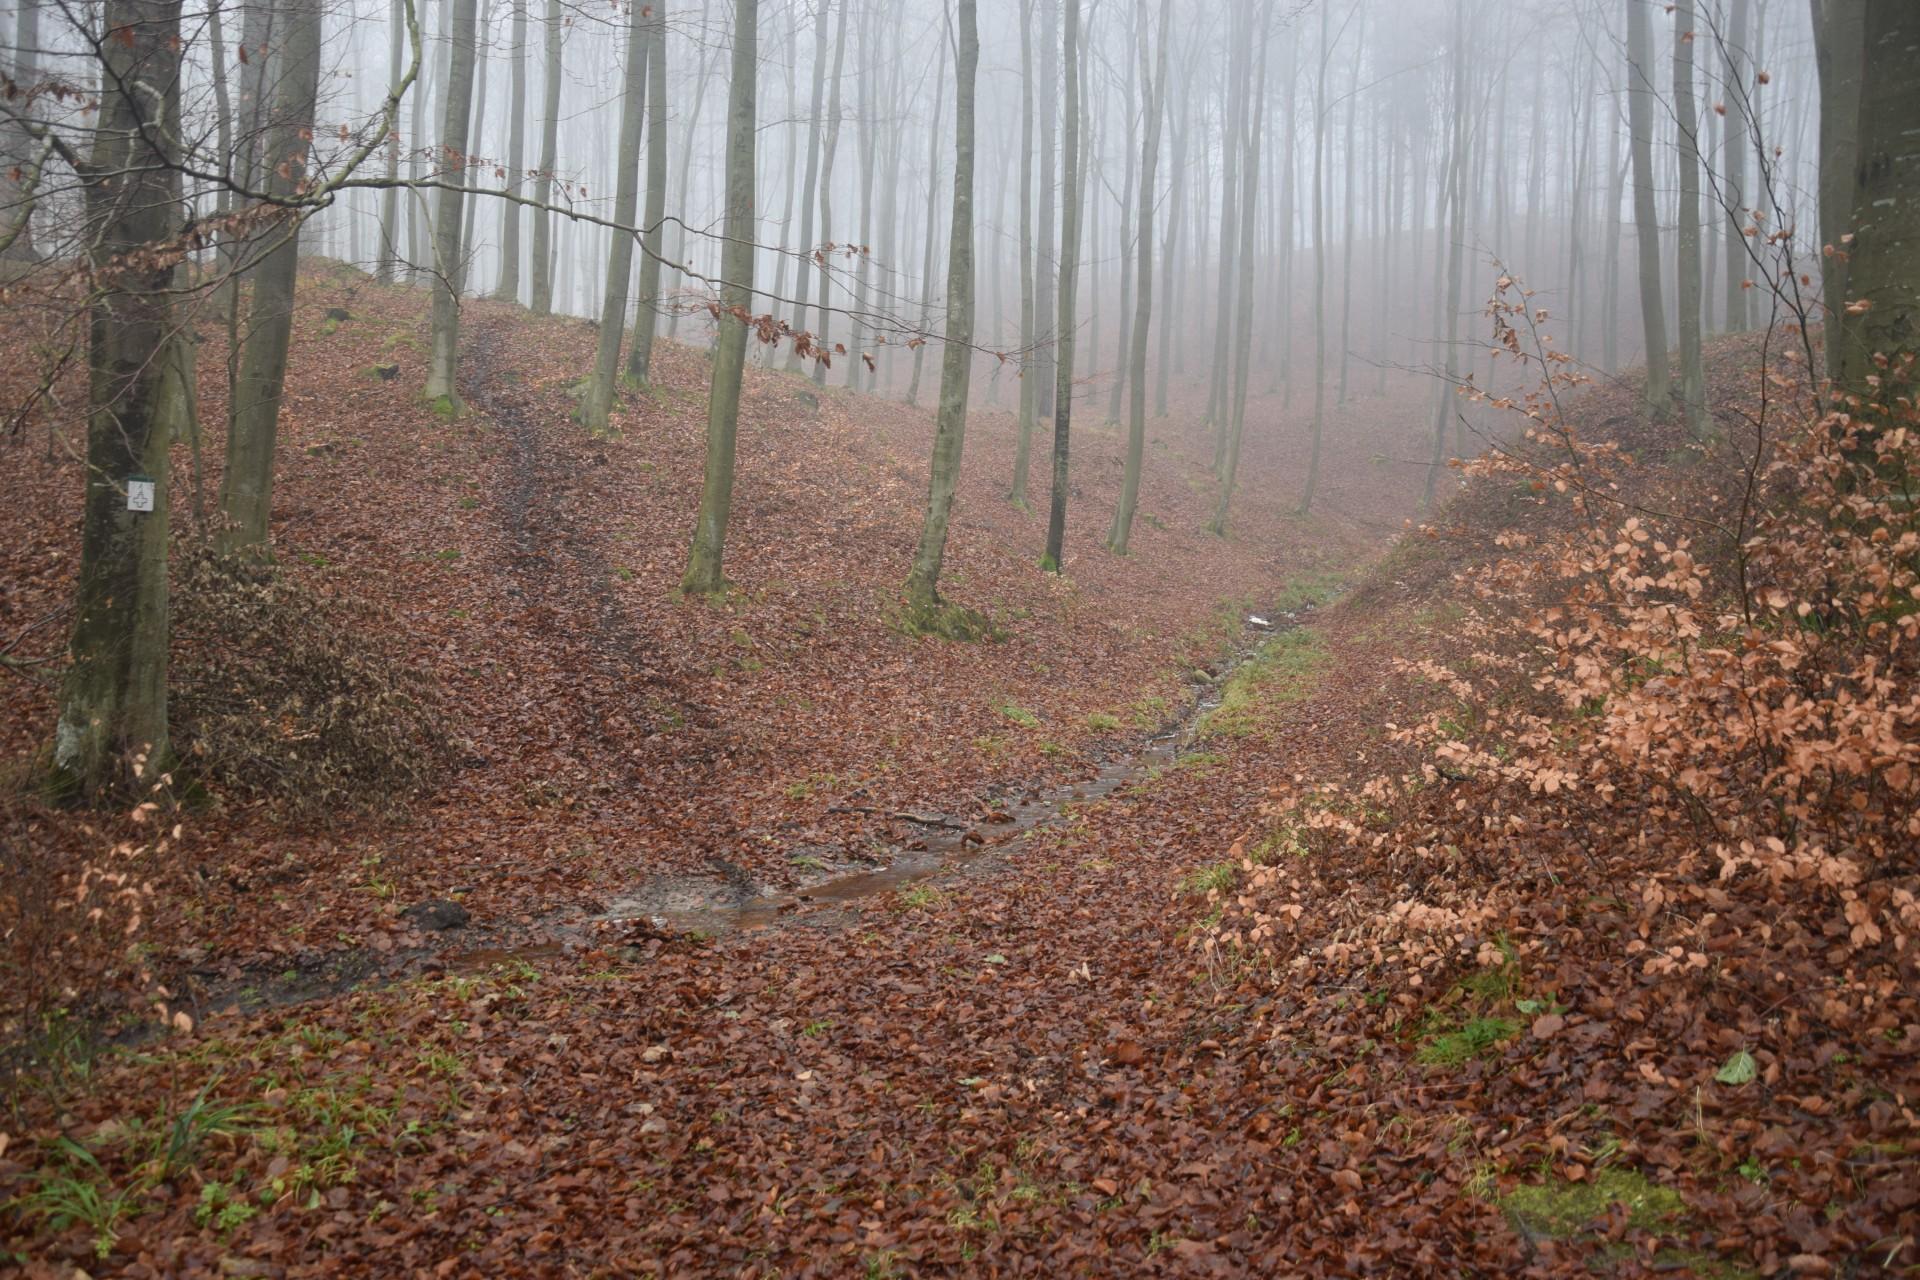 W listopadowym lesie. Fot. Tomasz Słomczyński/Magazyn Kaszuby